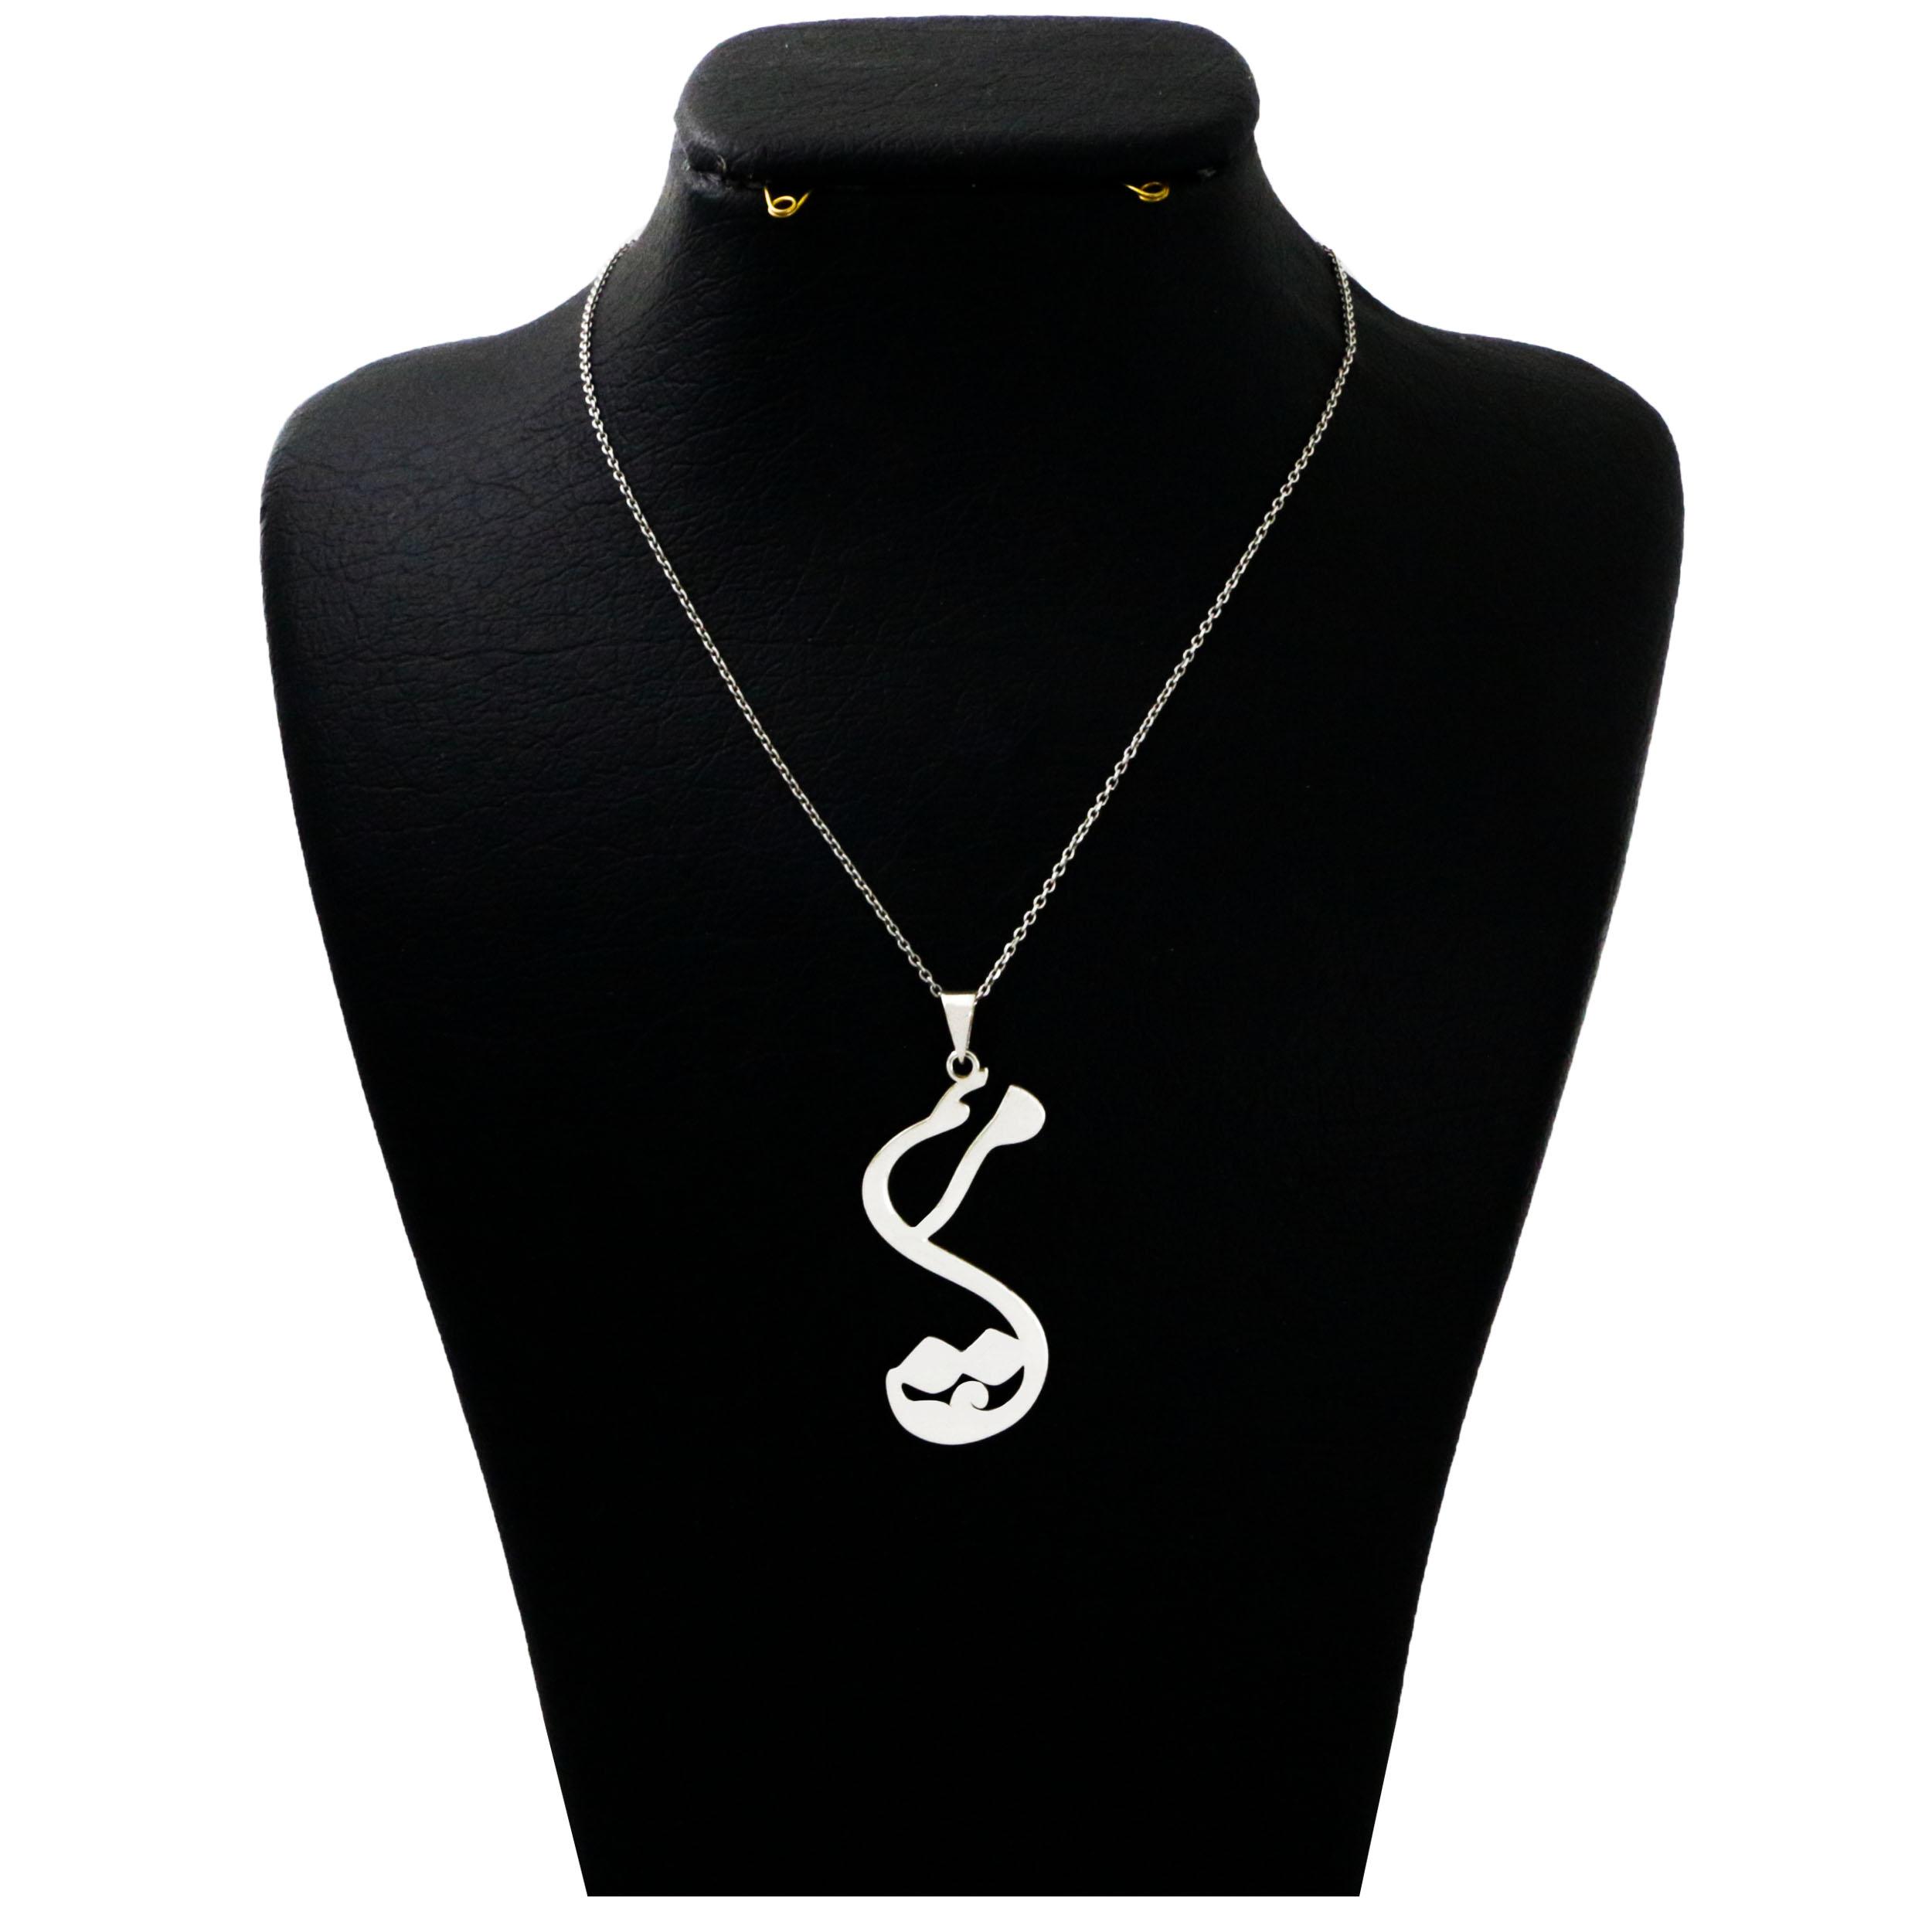 گردنبند نقره زنانه  مدل دلی جم طرح مریم  کد D 390